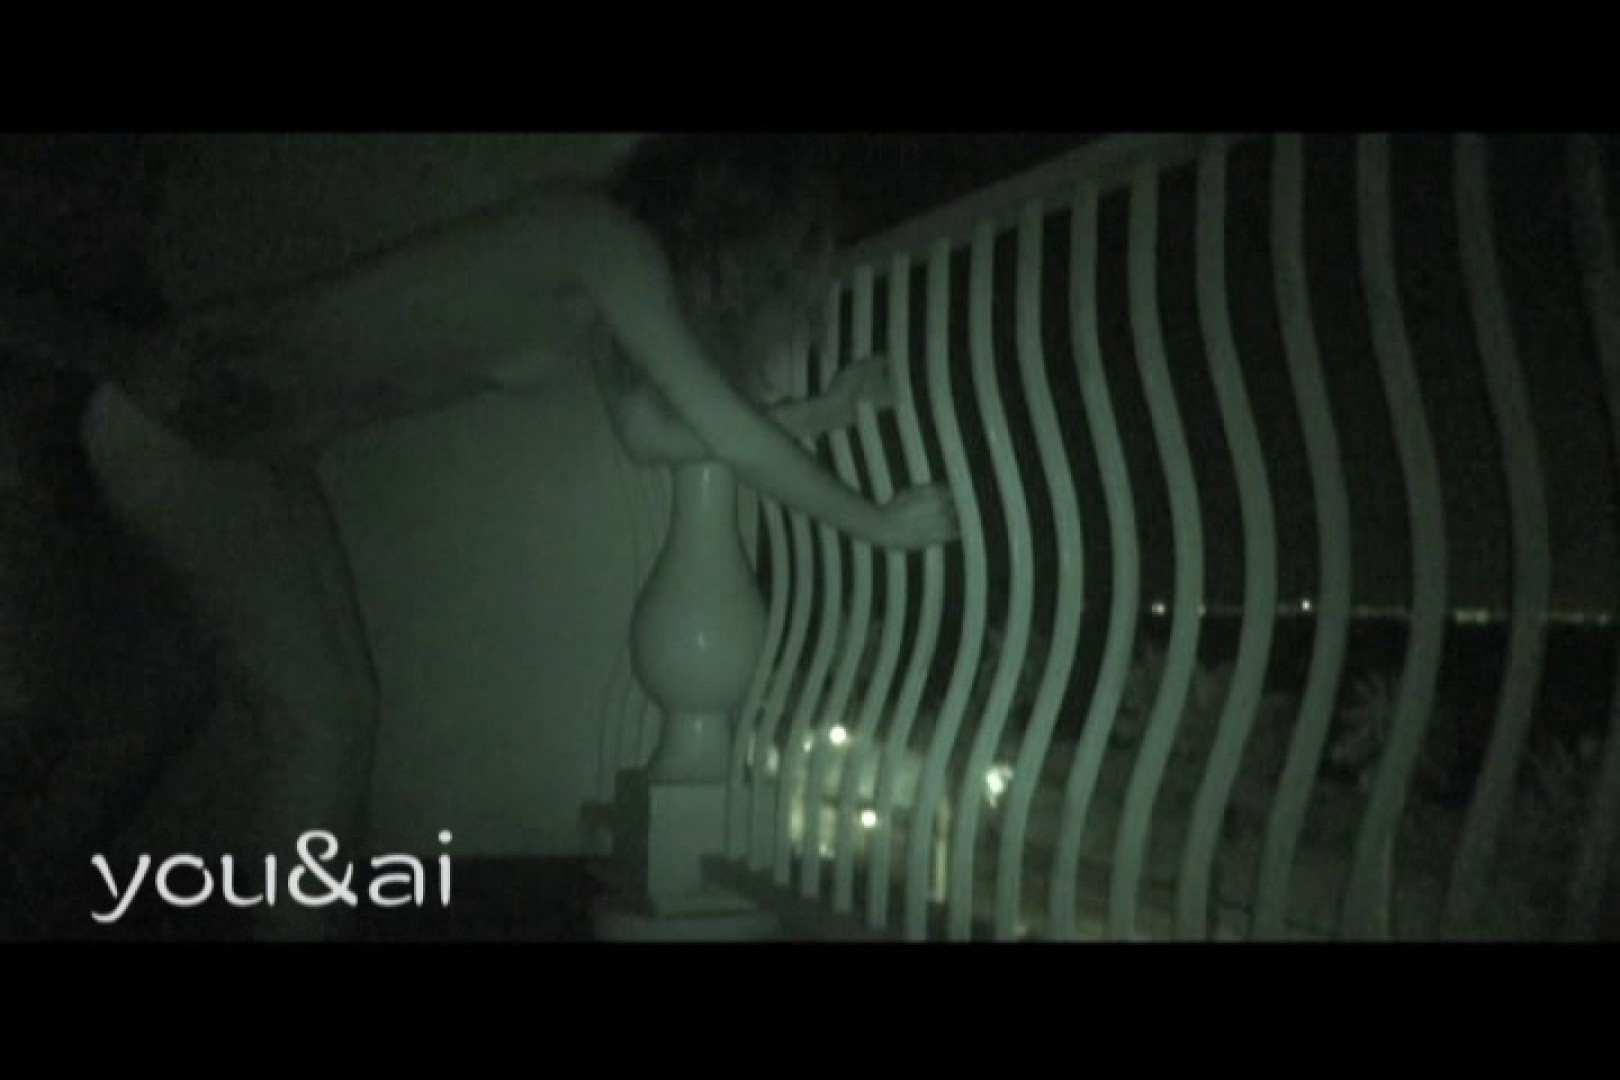 おしどり夫婦のyou&aiさん投稿作品vol.12 ホテル オマンコ動画キャプチャ 104PIX 101